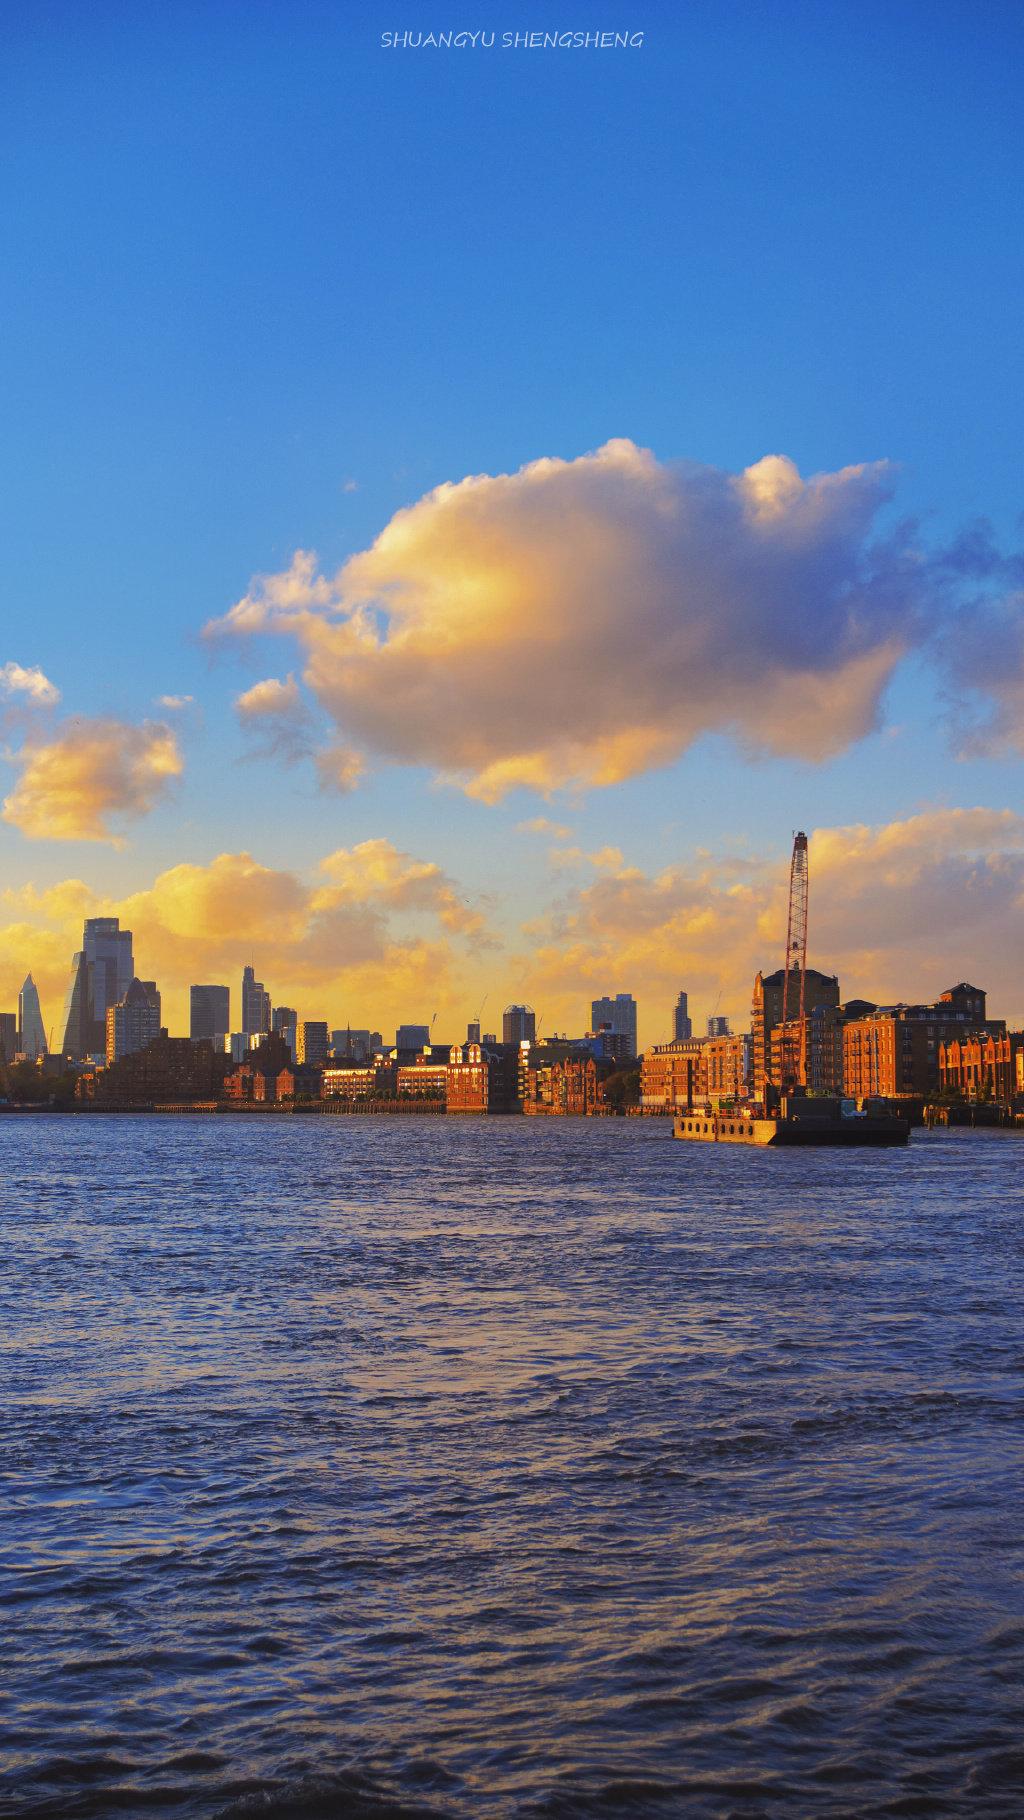 倘若伦敦洒下夺目的阳光,那便是最美的天气。@双鱼笙笙